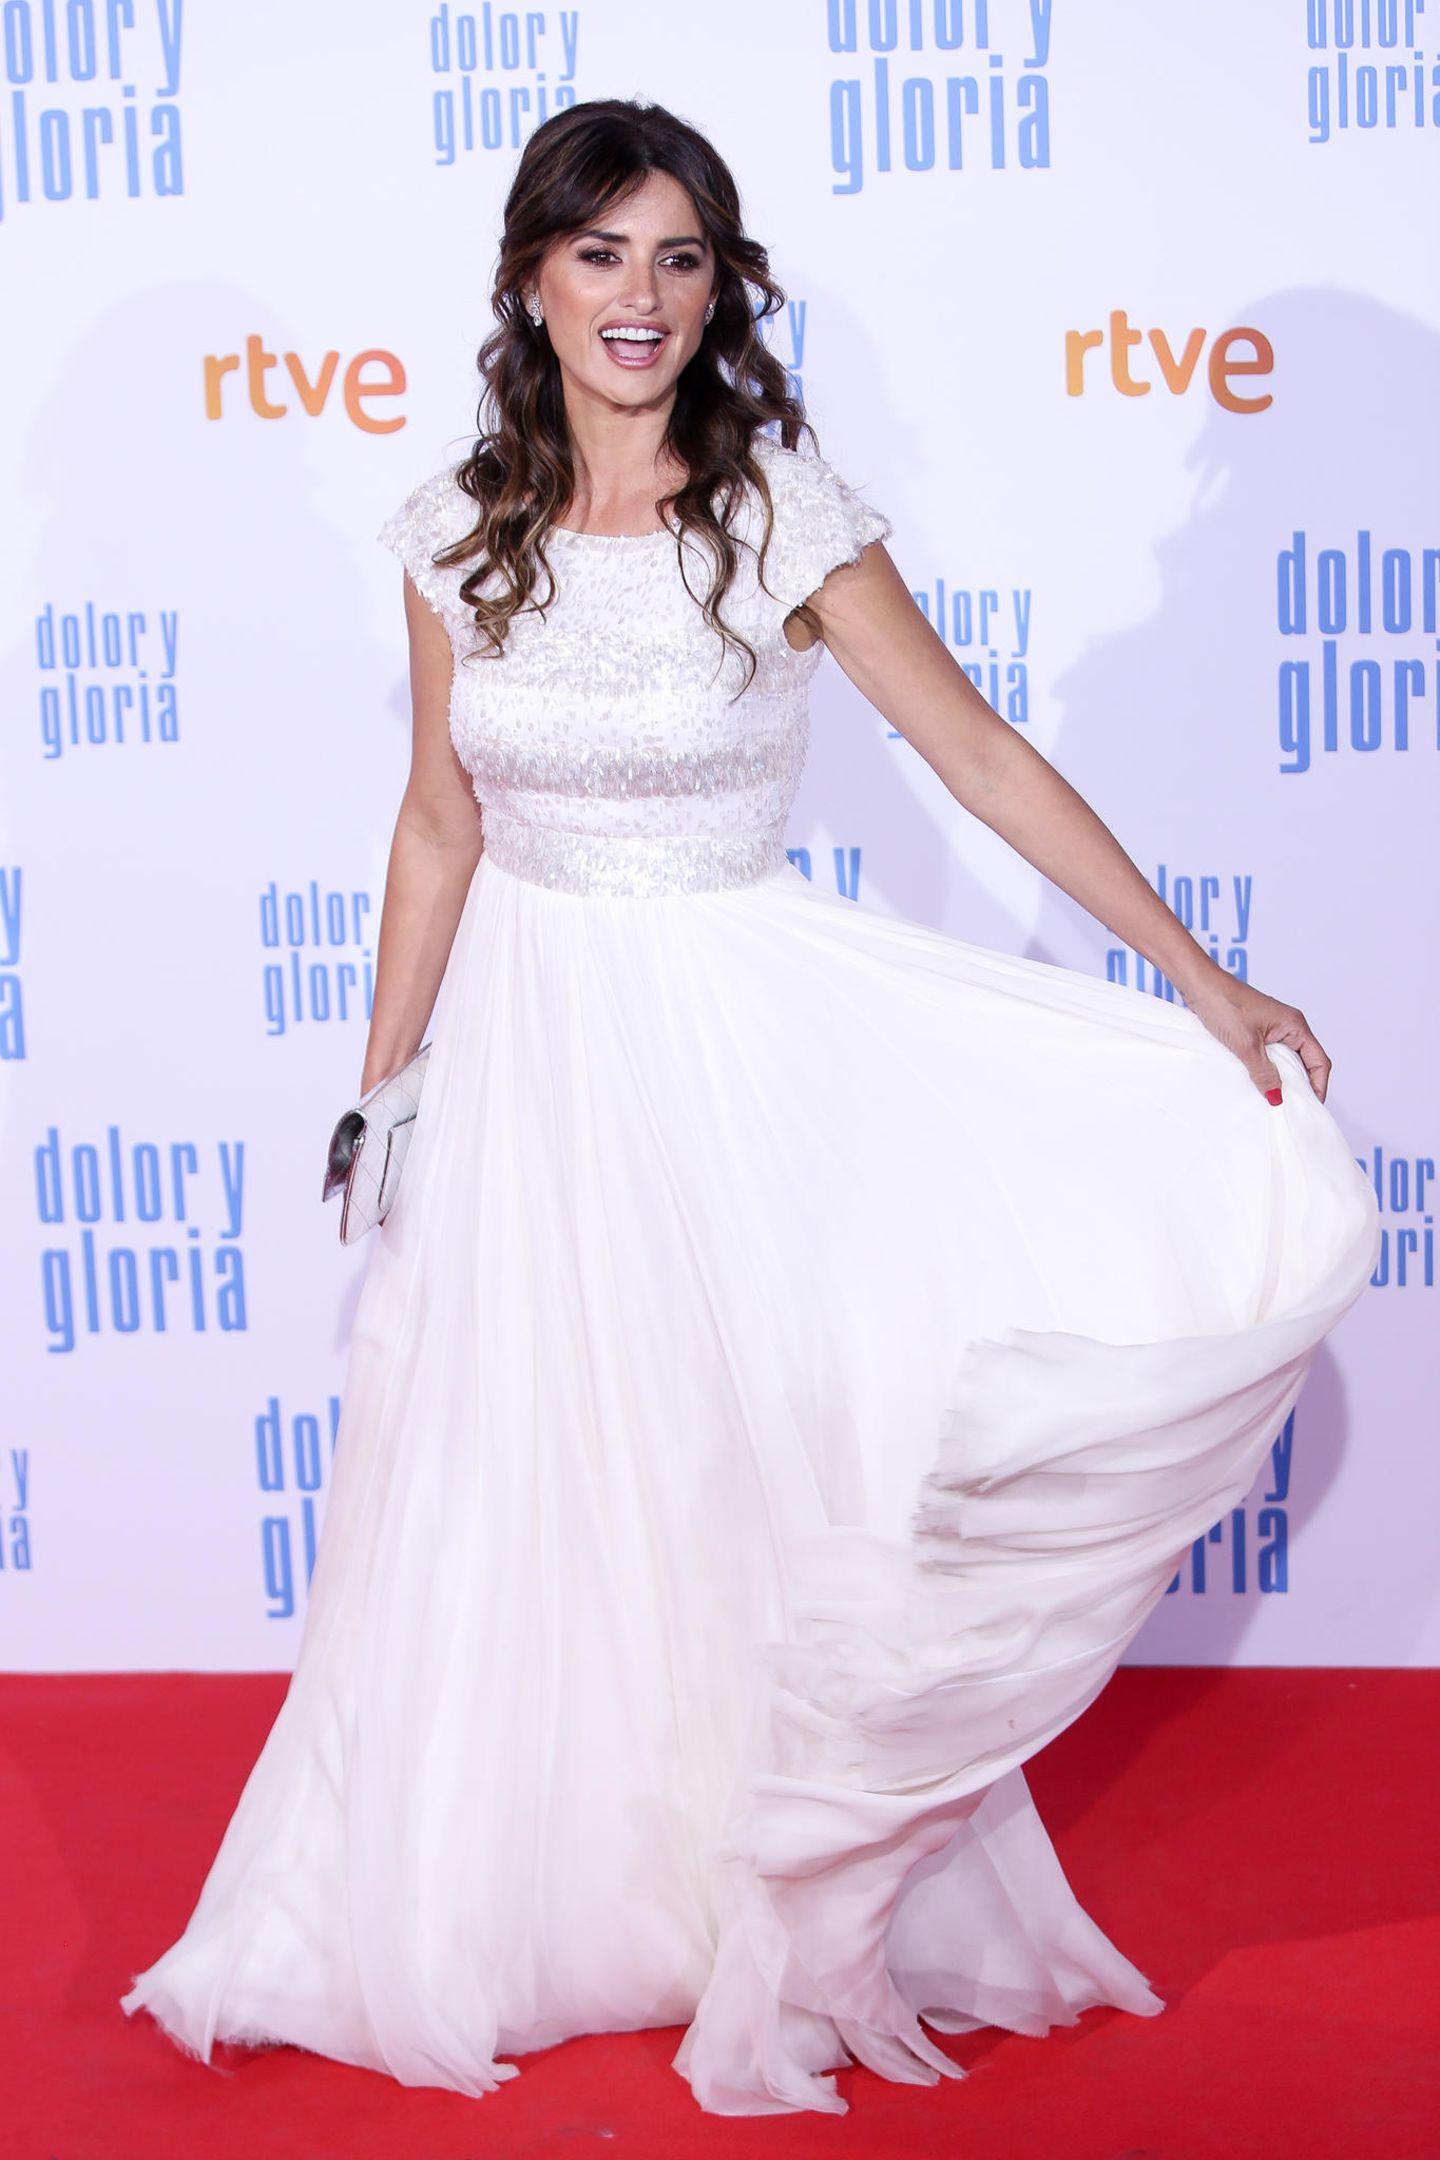 """Penelope Cruz freut sich auf dem roten Teppich der Premiere von """"Dolor y Gloria"""" über ihr weißes Ballkleid, das sie wundervoll schwingen kann."""